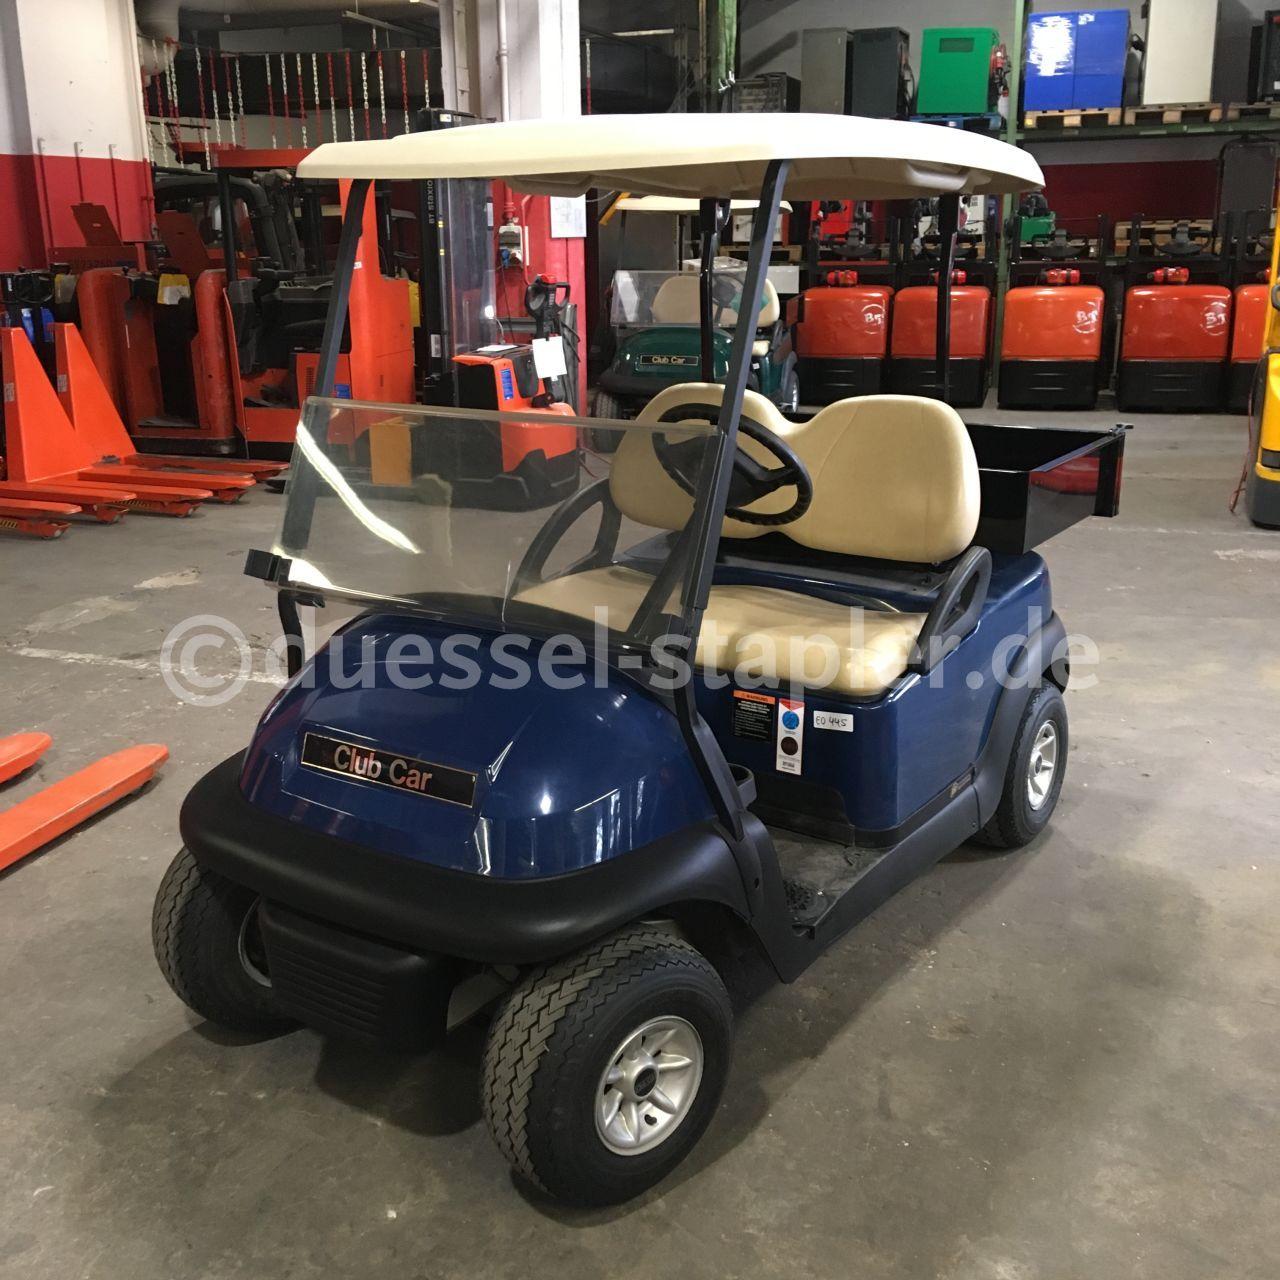 IR Golf Car